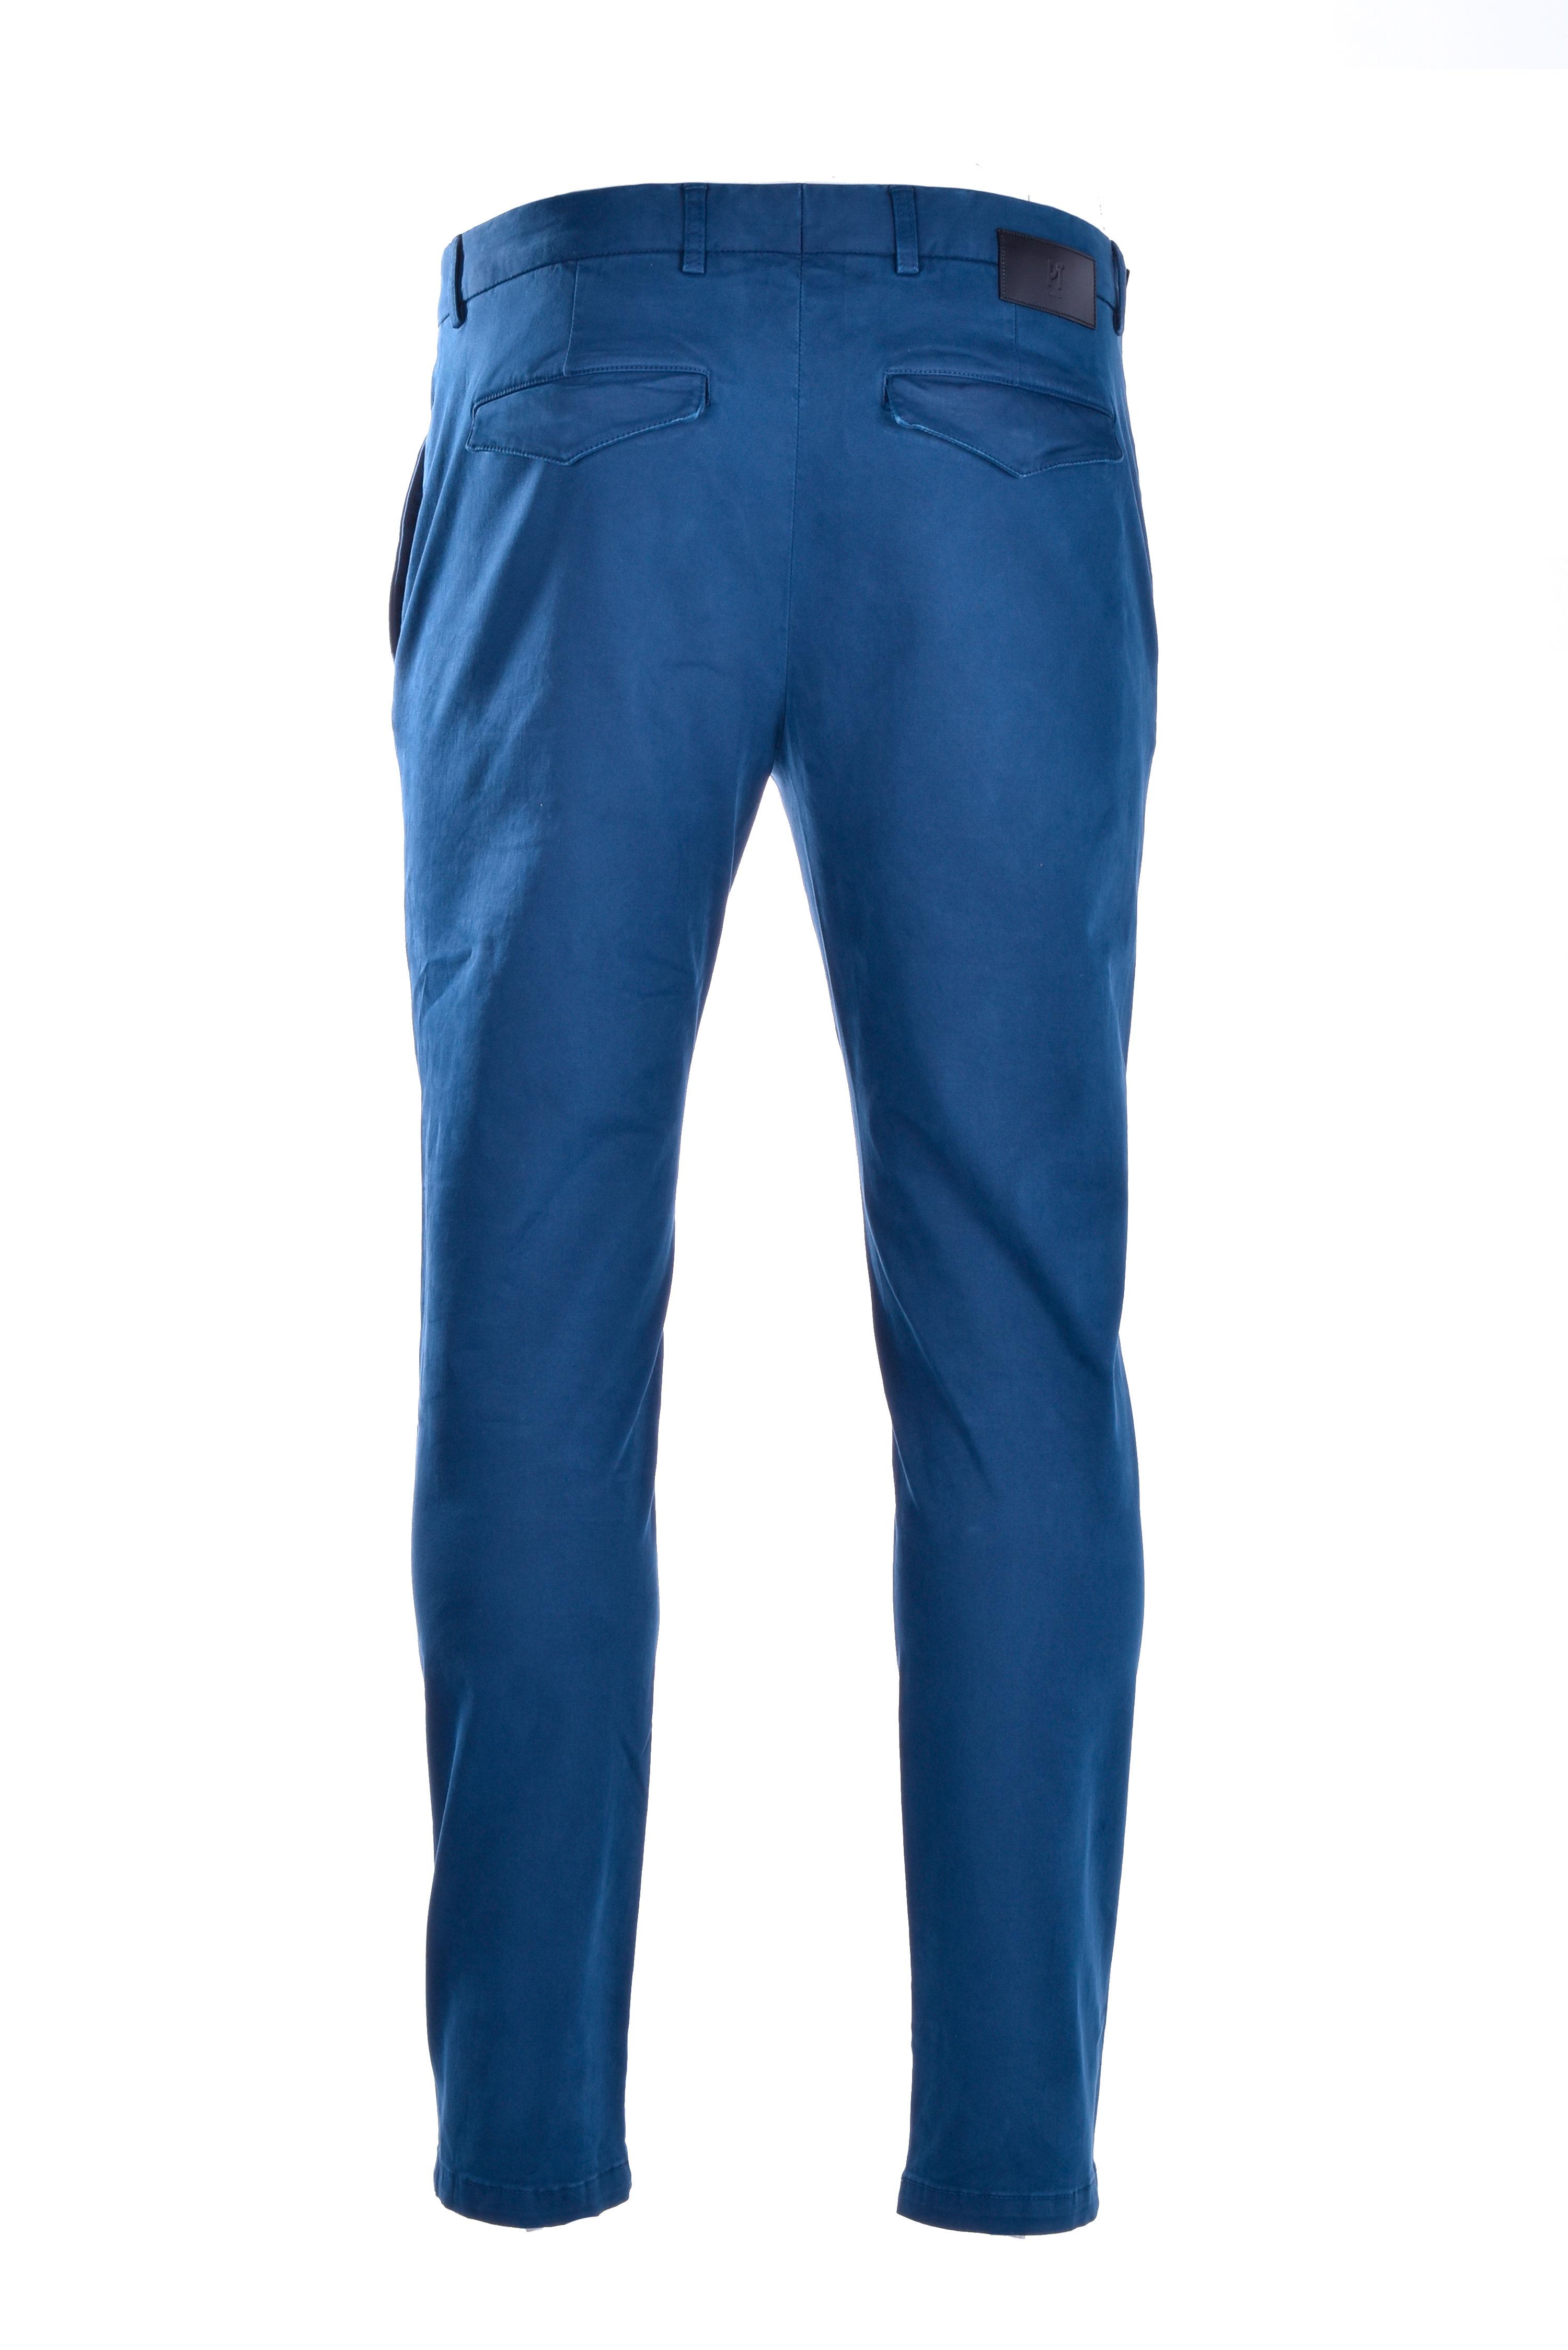 jeans tinto graven - blu navy PT TORINO   Jeans   C5-NT01Z00CHN-NK050350